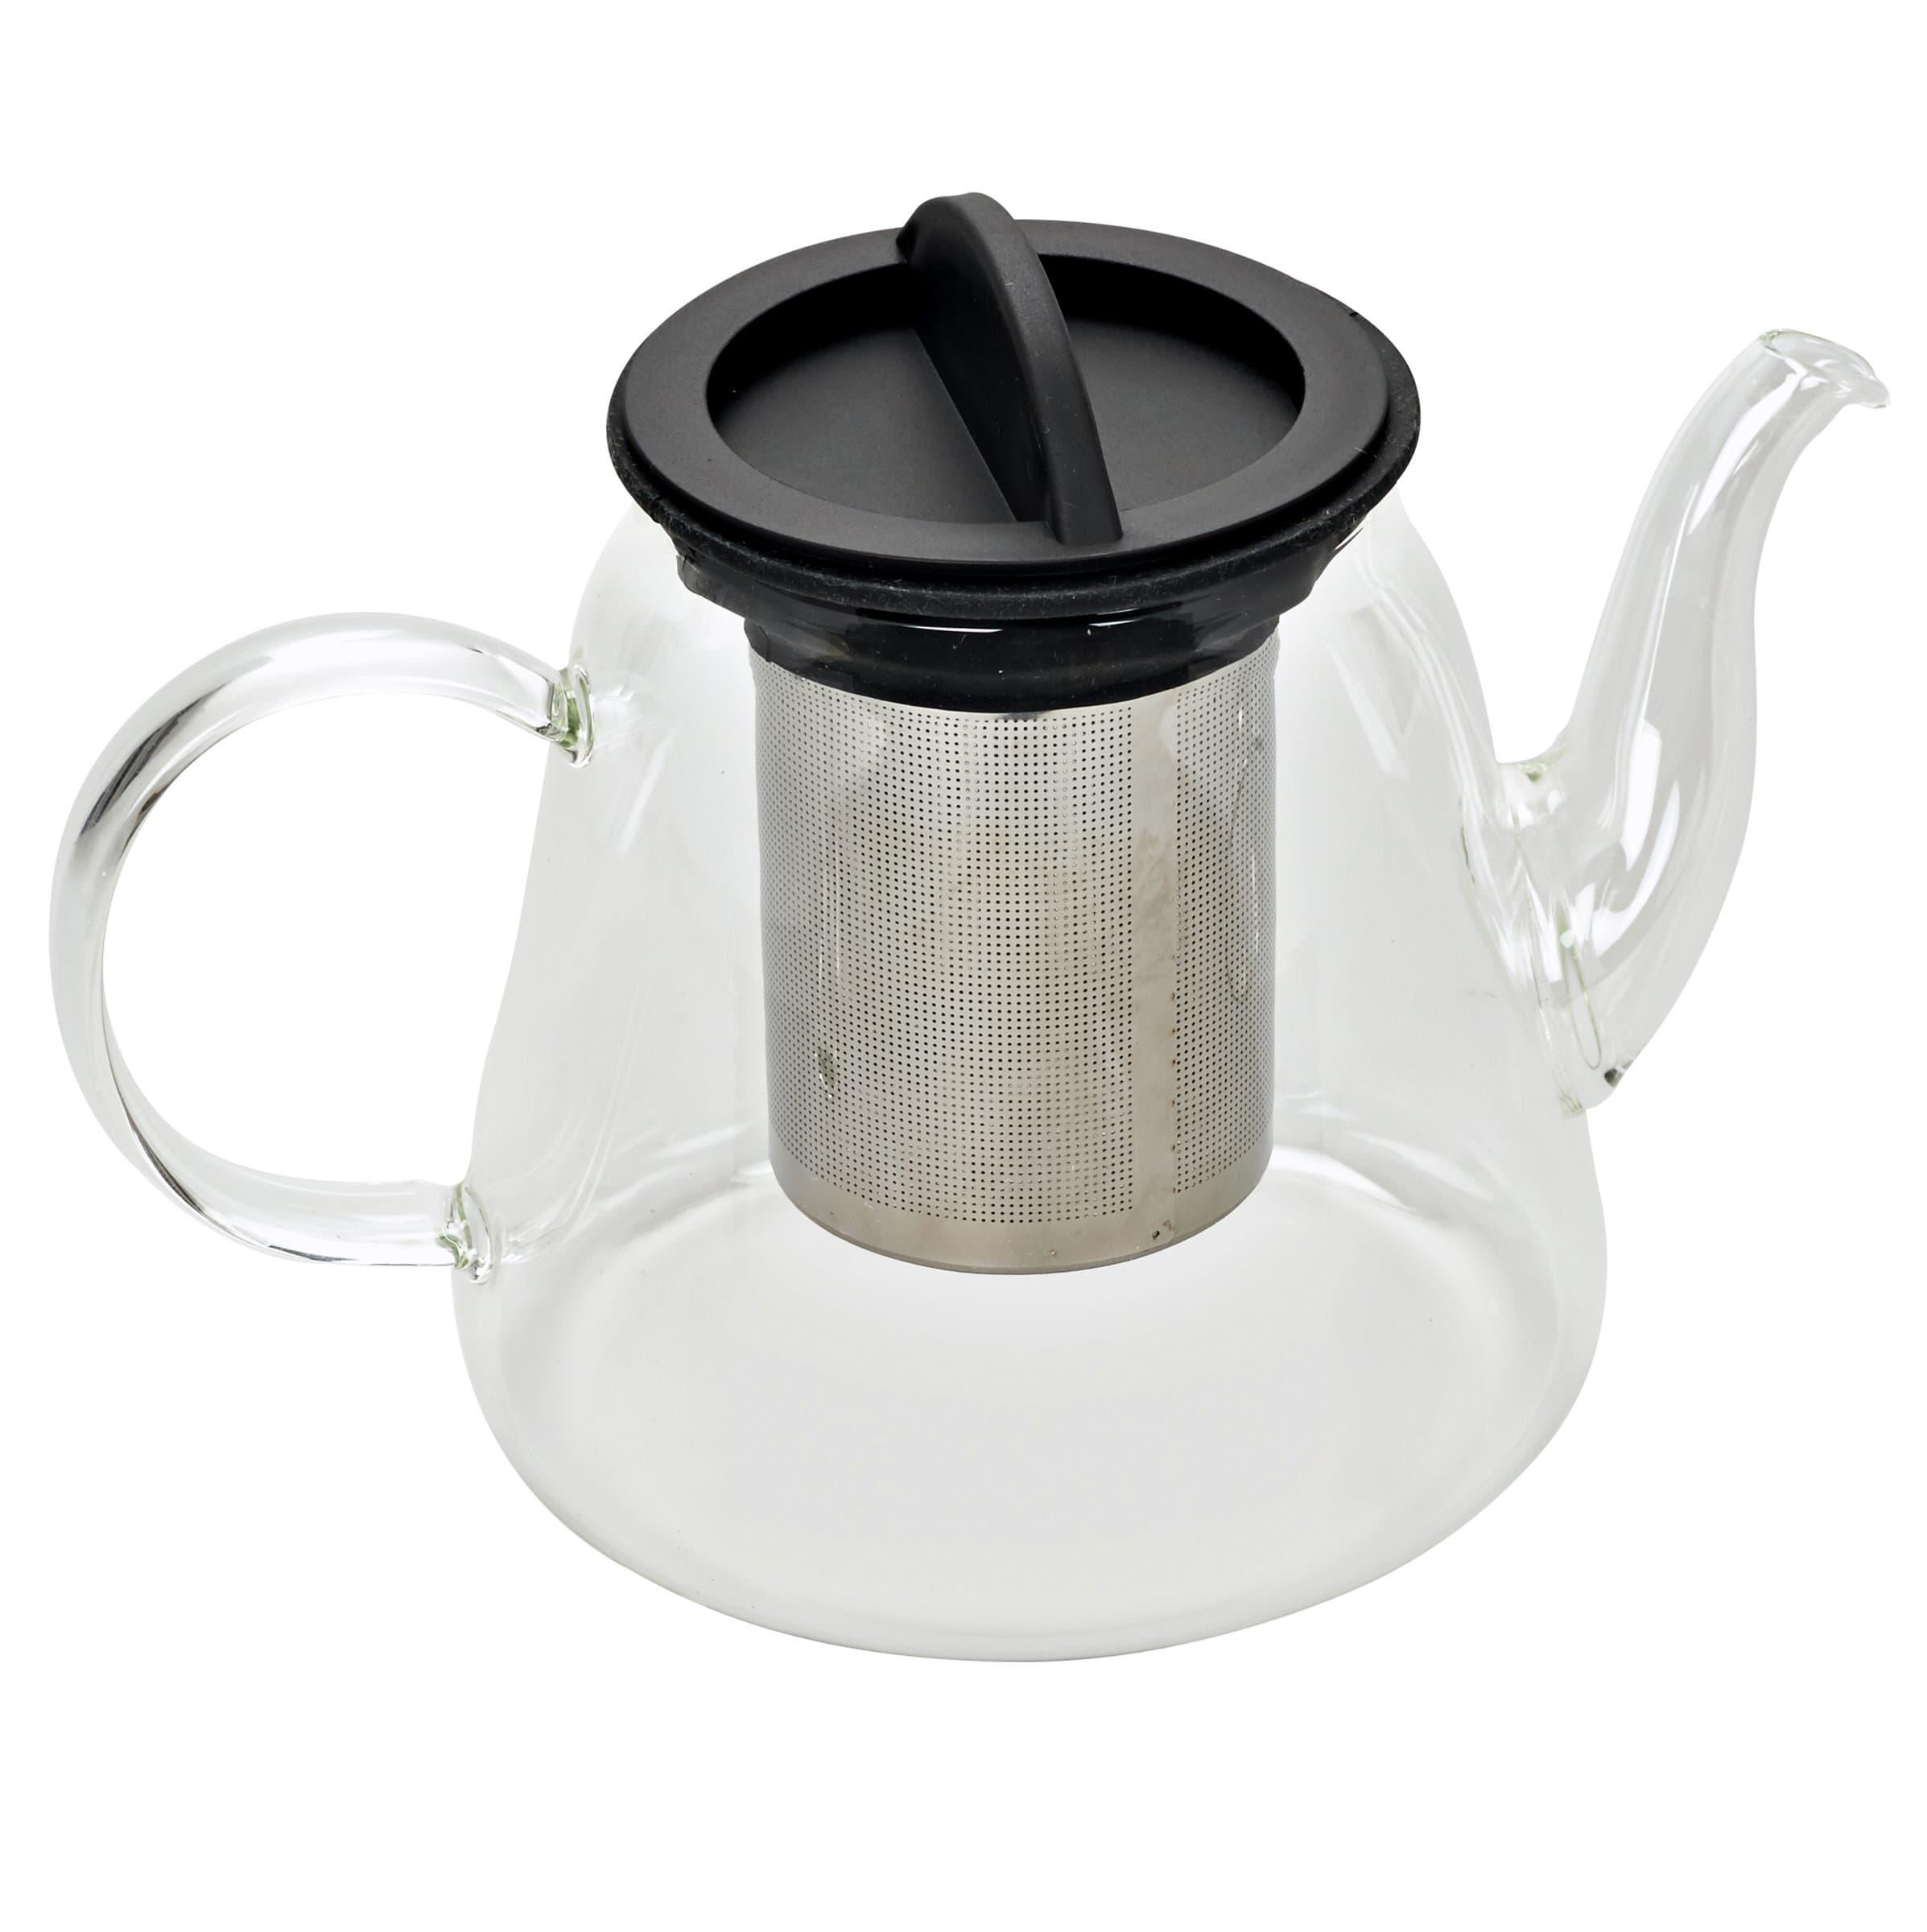 Cucina & Tavola Teekanne mit Siebeinsatz 0.9L